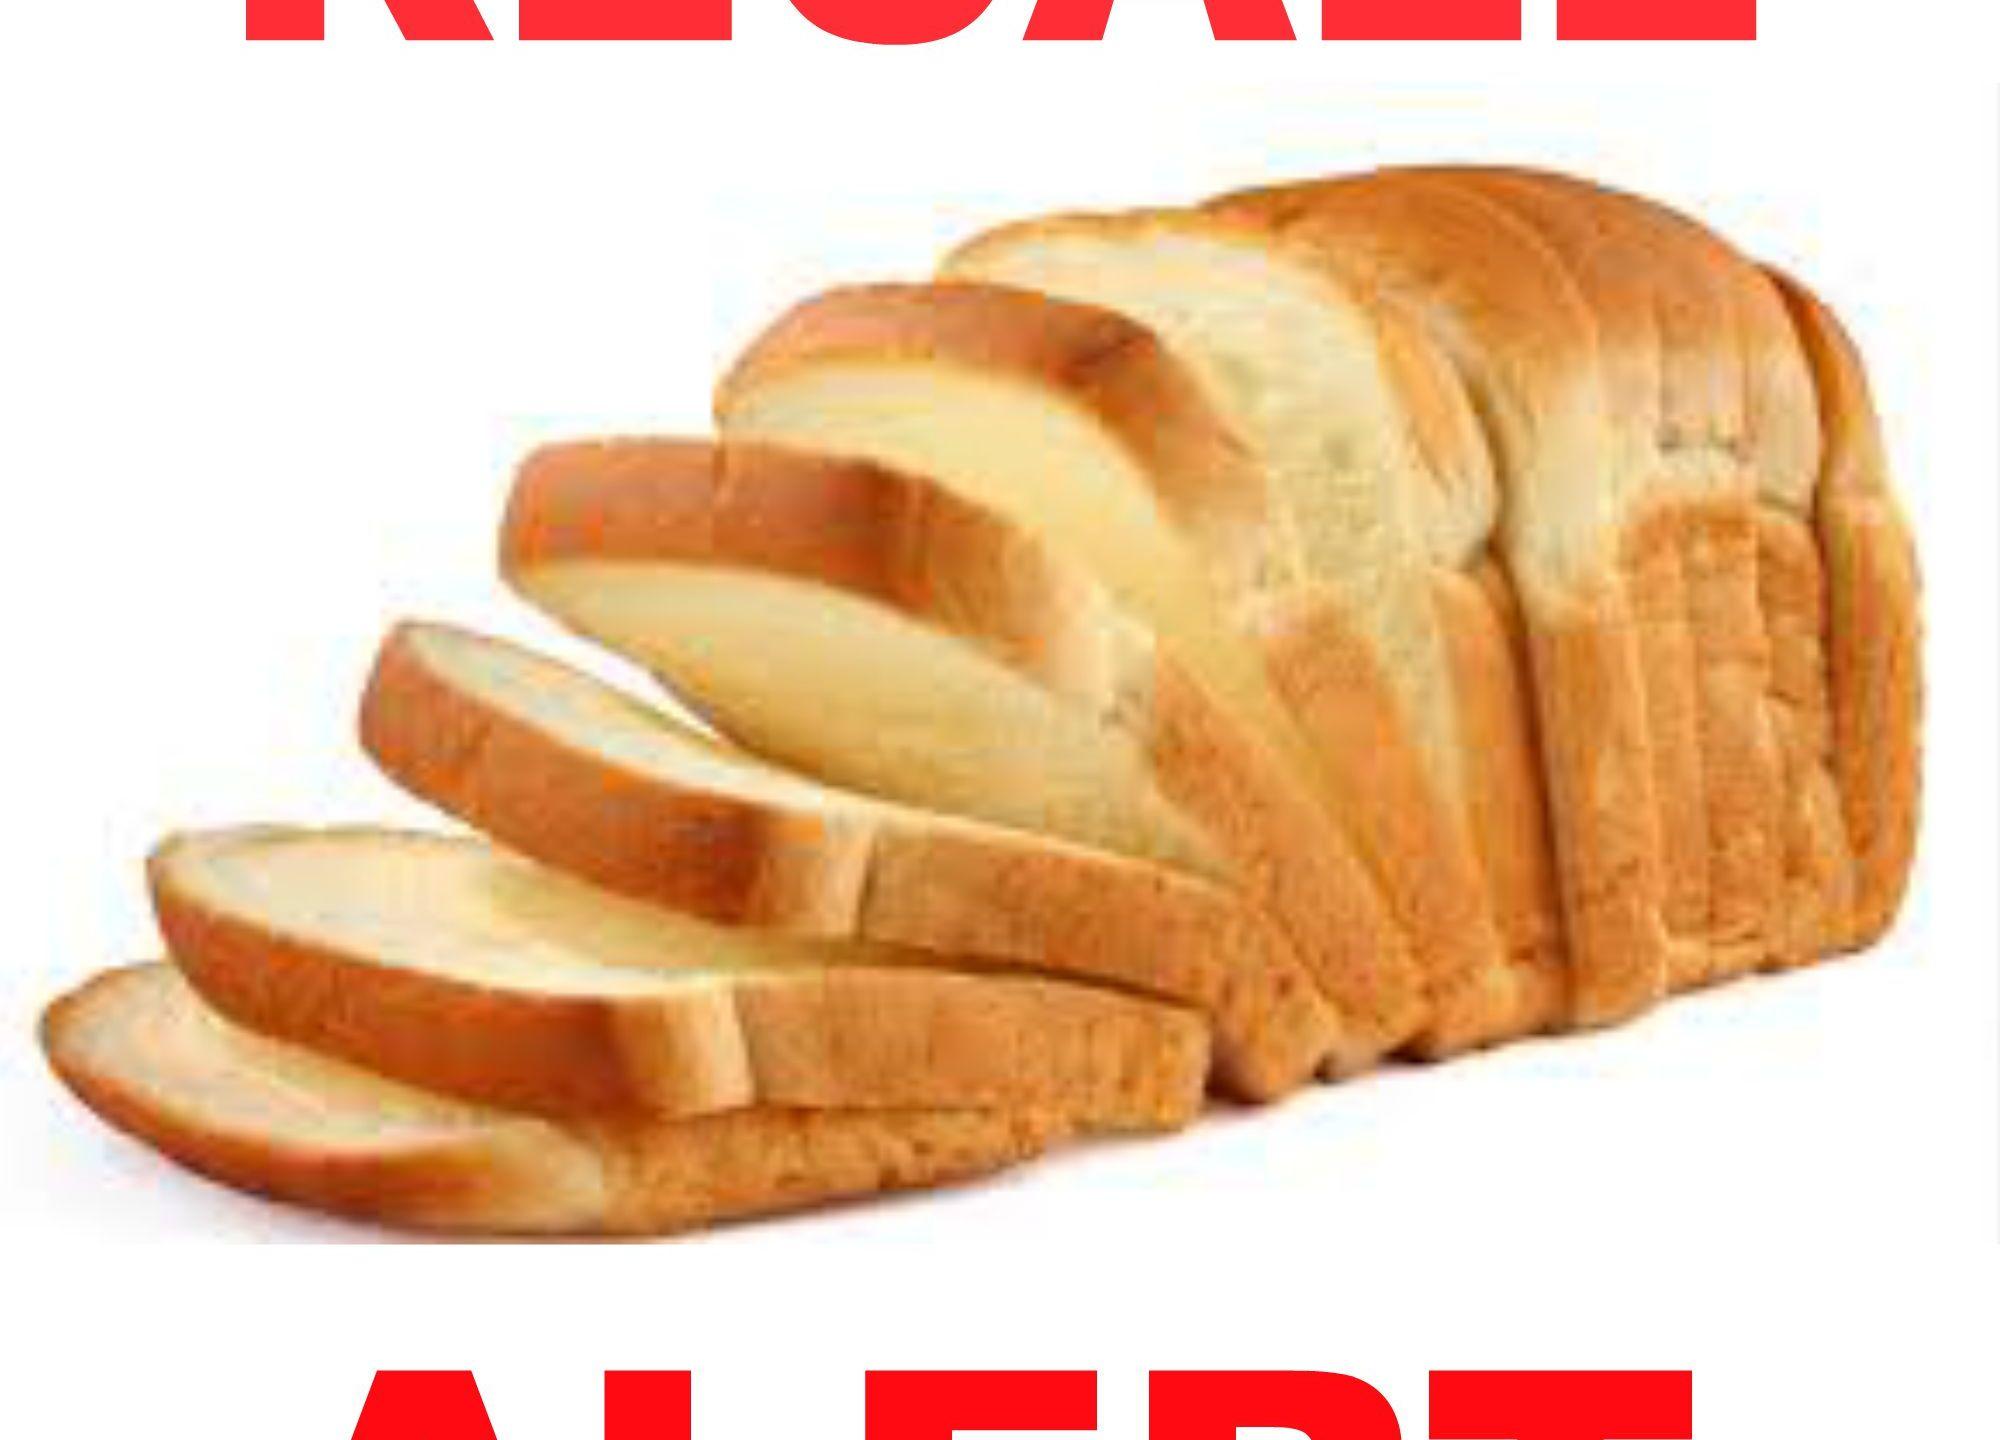 bread_36792